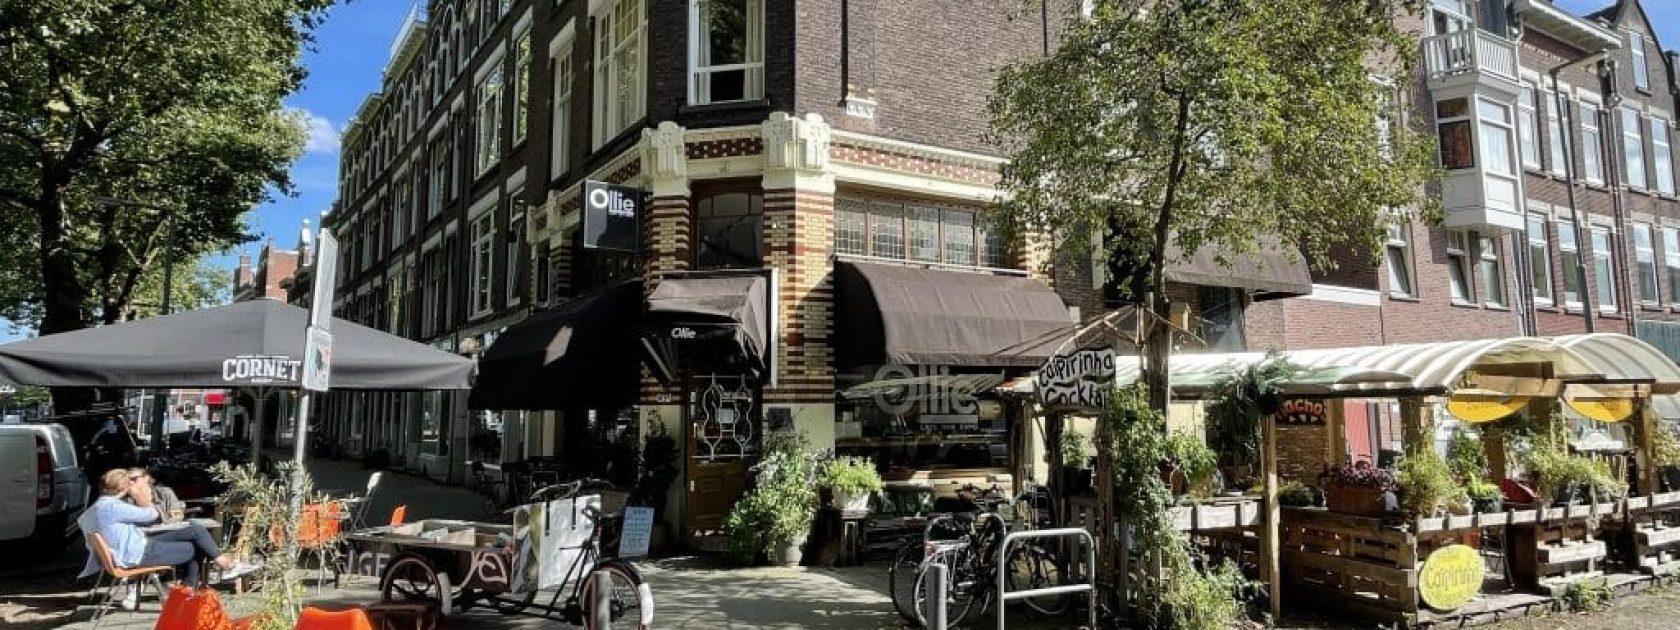 Vooraanzicht van het gezellige Cafe Ollie in Rotterdam Noord.